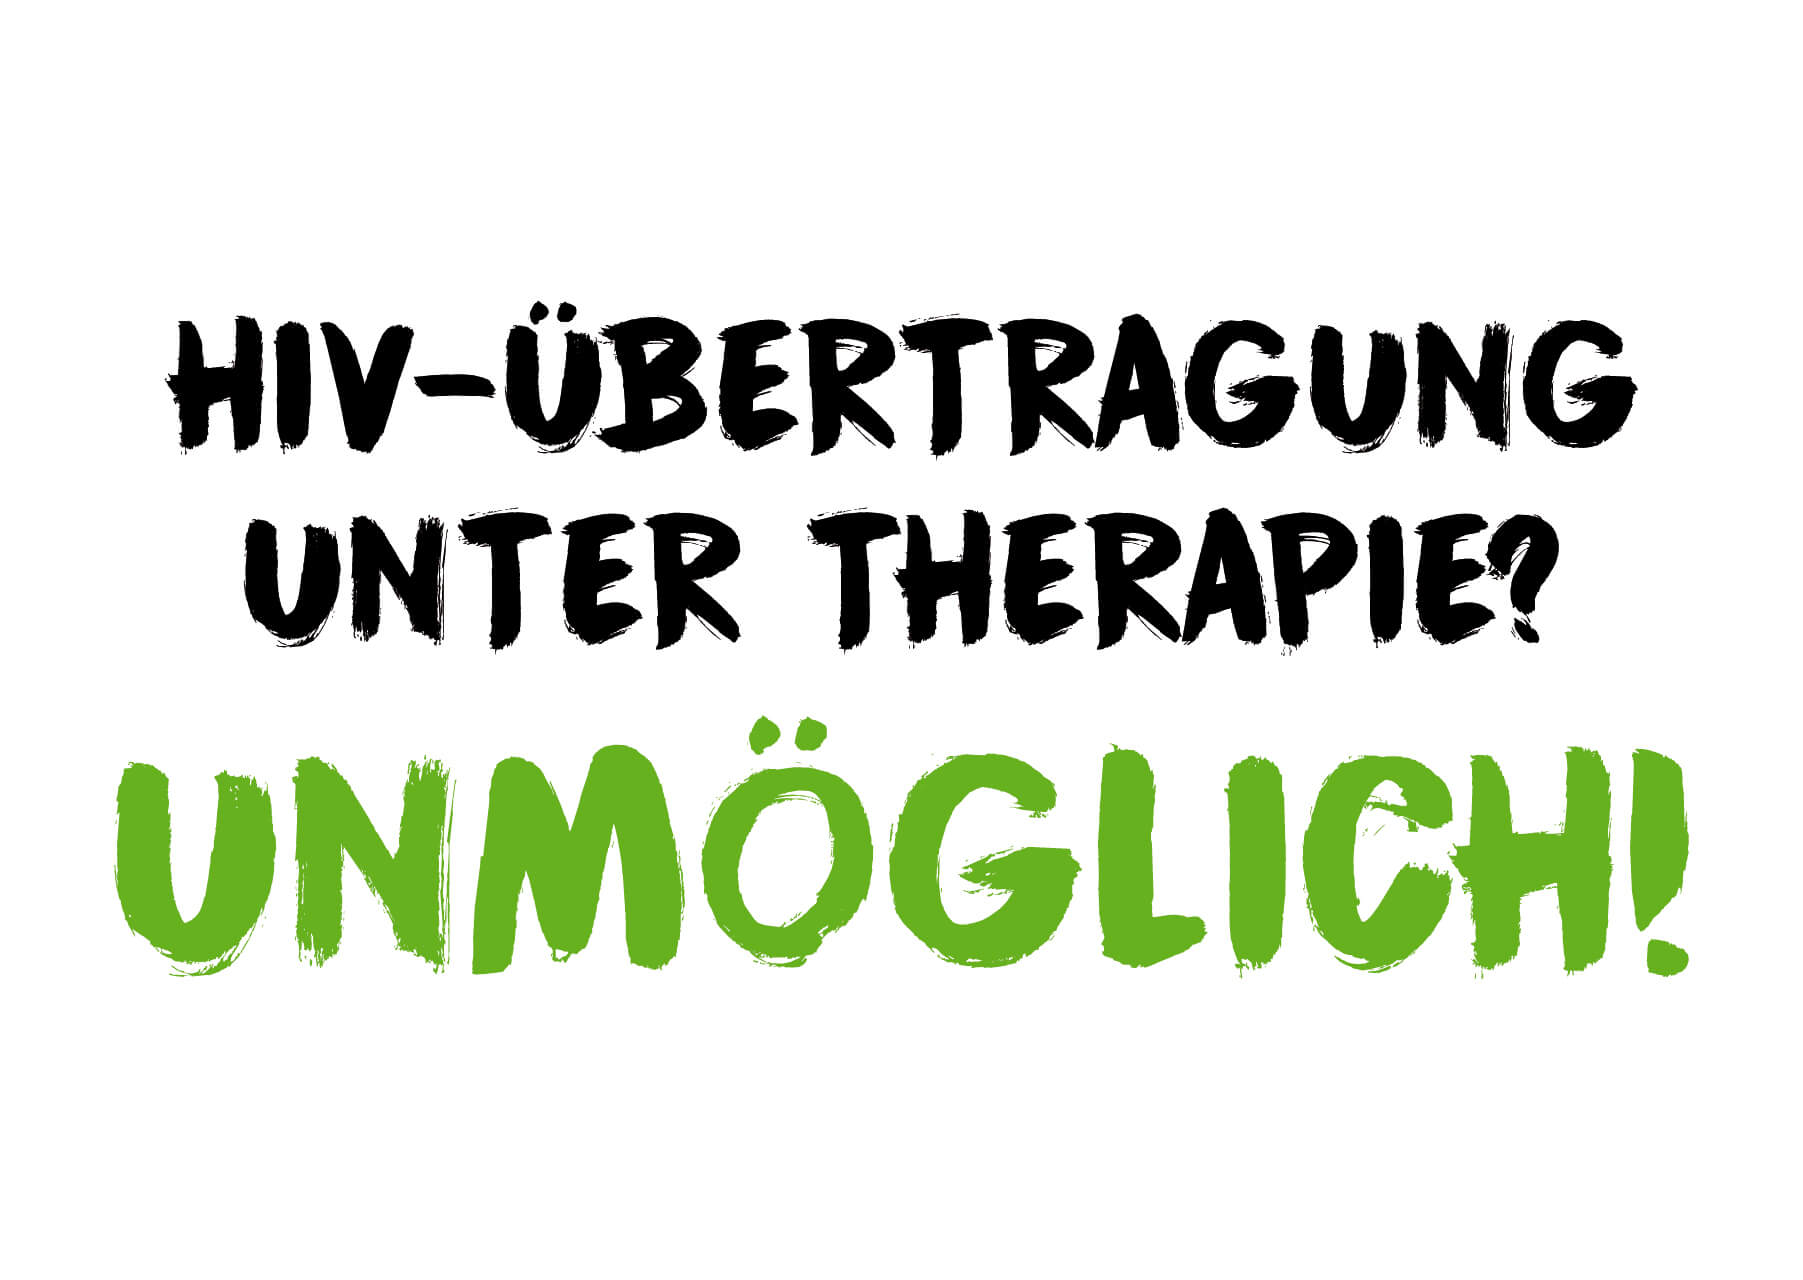 HIV-Übertragung under therapie? Unmöglich!